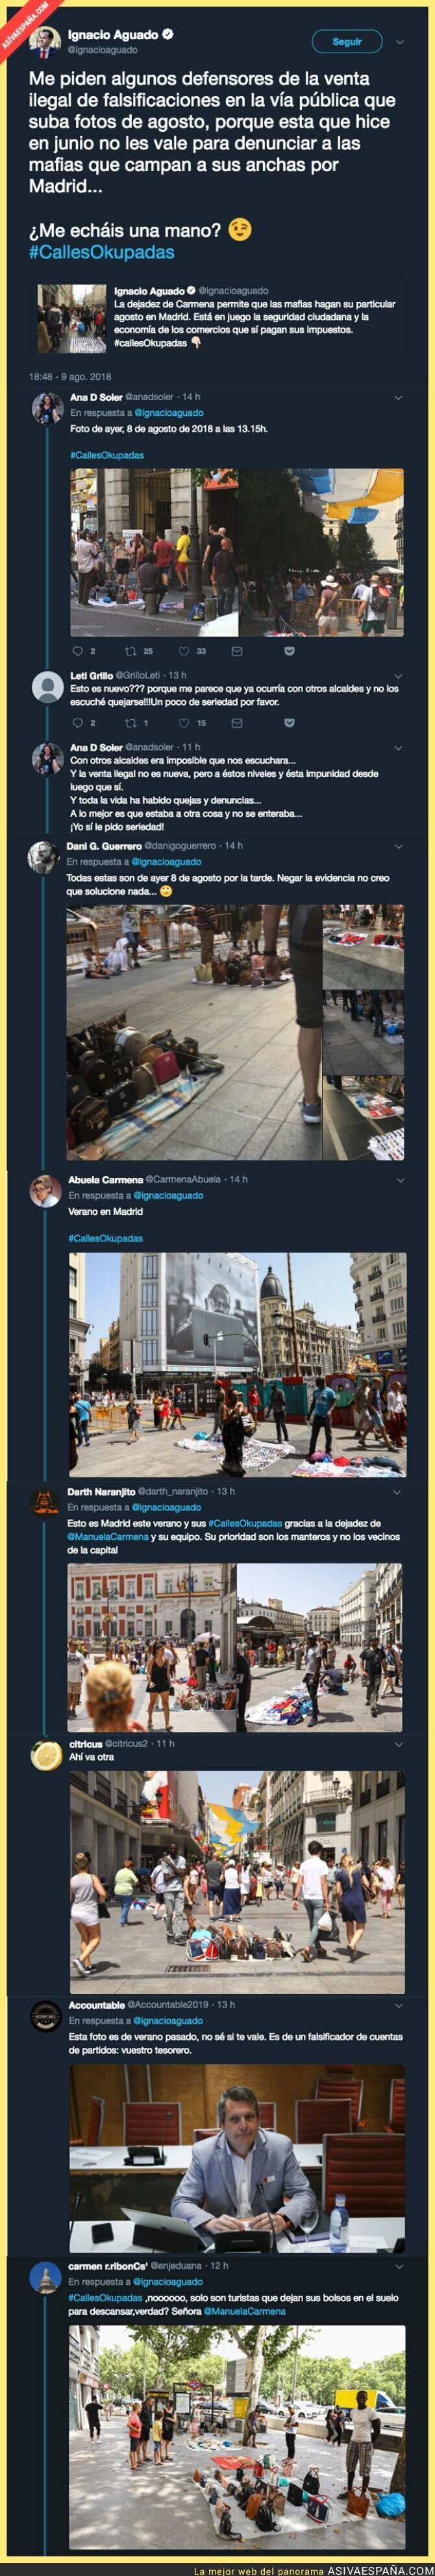 90881 - Ignacio Aguado pide ayuda a la gente tras manipular con fotos de cuando hacía frío para que le mande fotos de manteros en verano